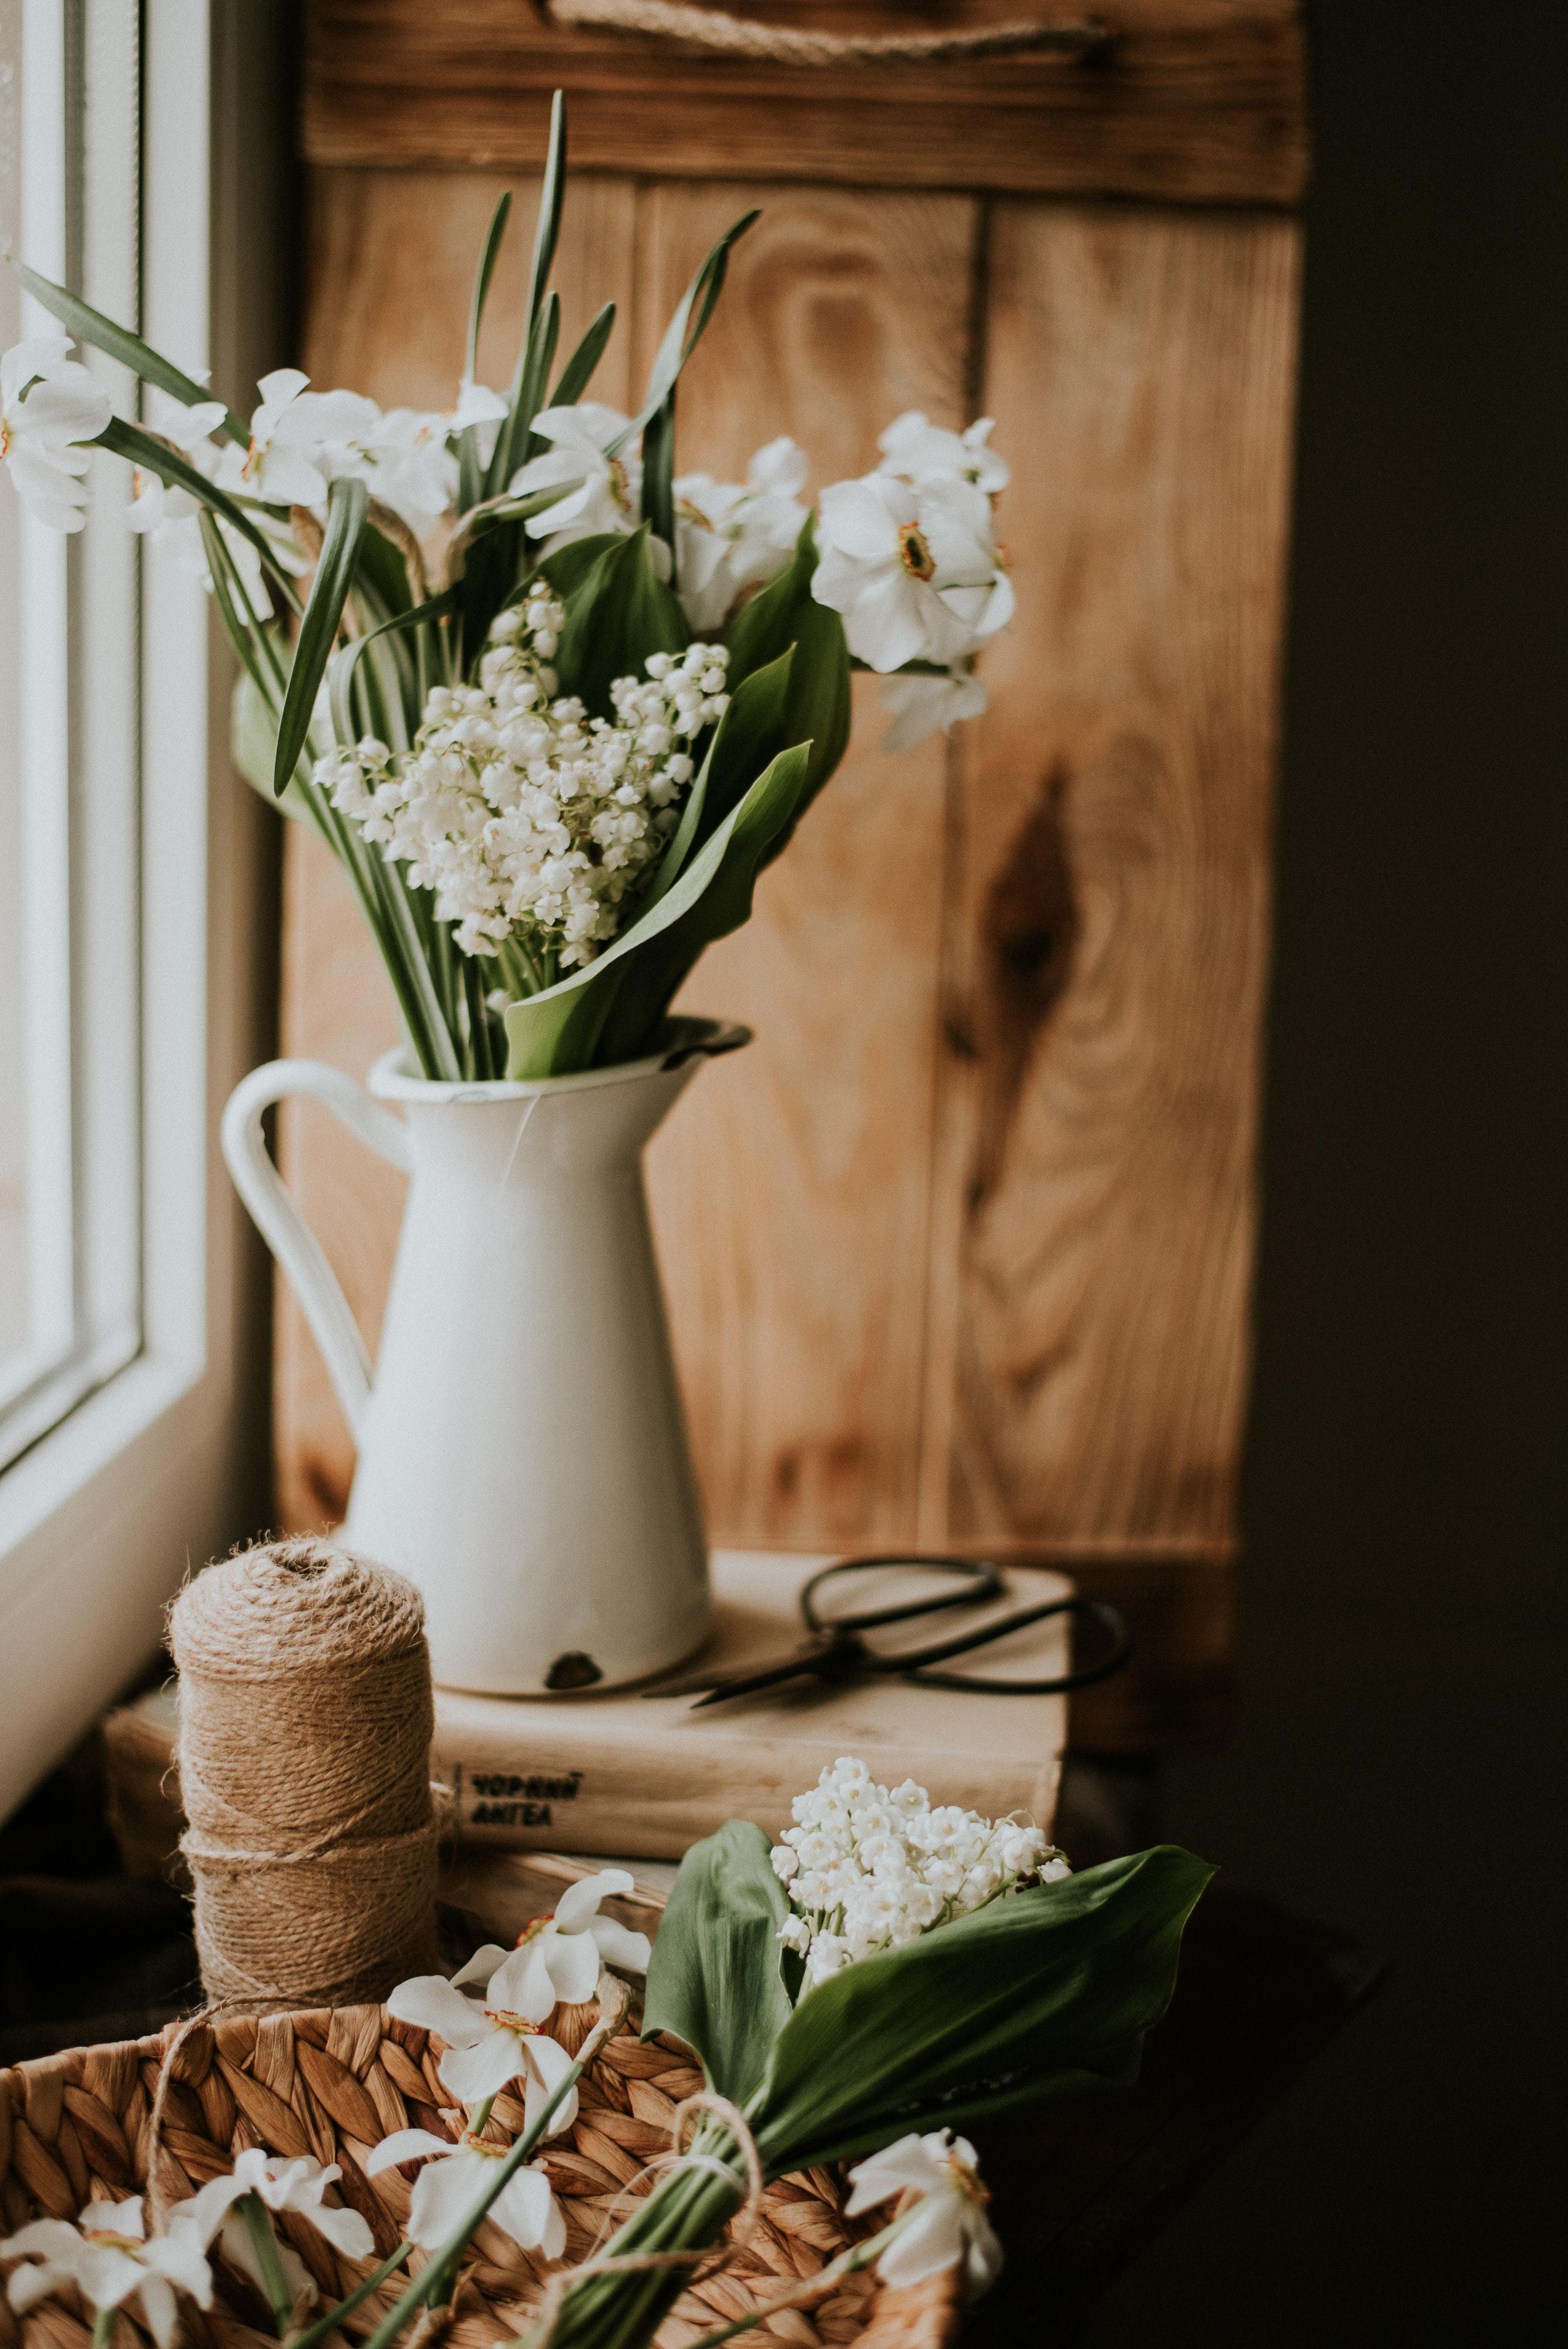 66954 免費下載壁紙 花卉, 花束, 房间, 铃兰, 水仙 屏保和圖片